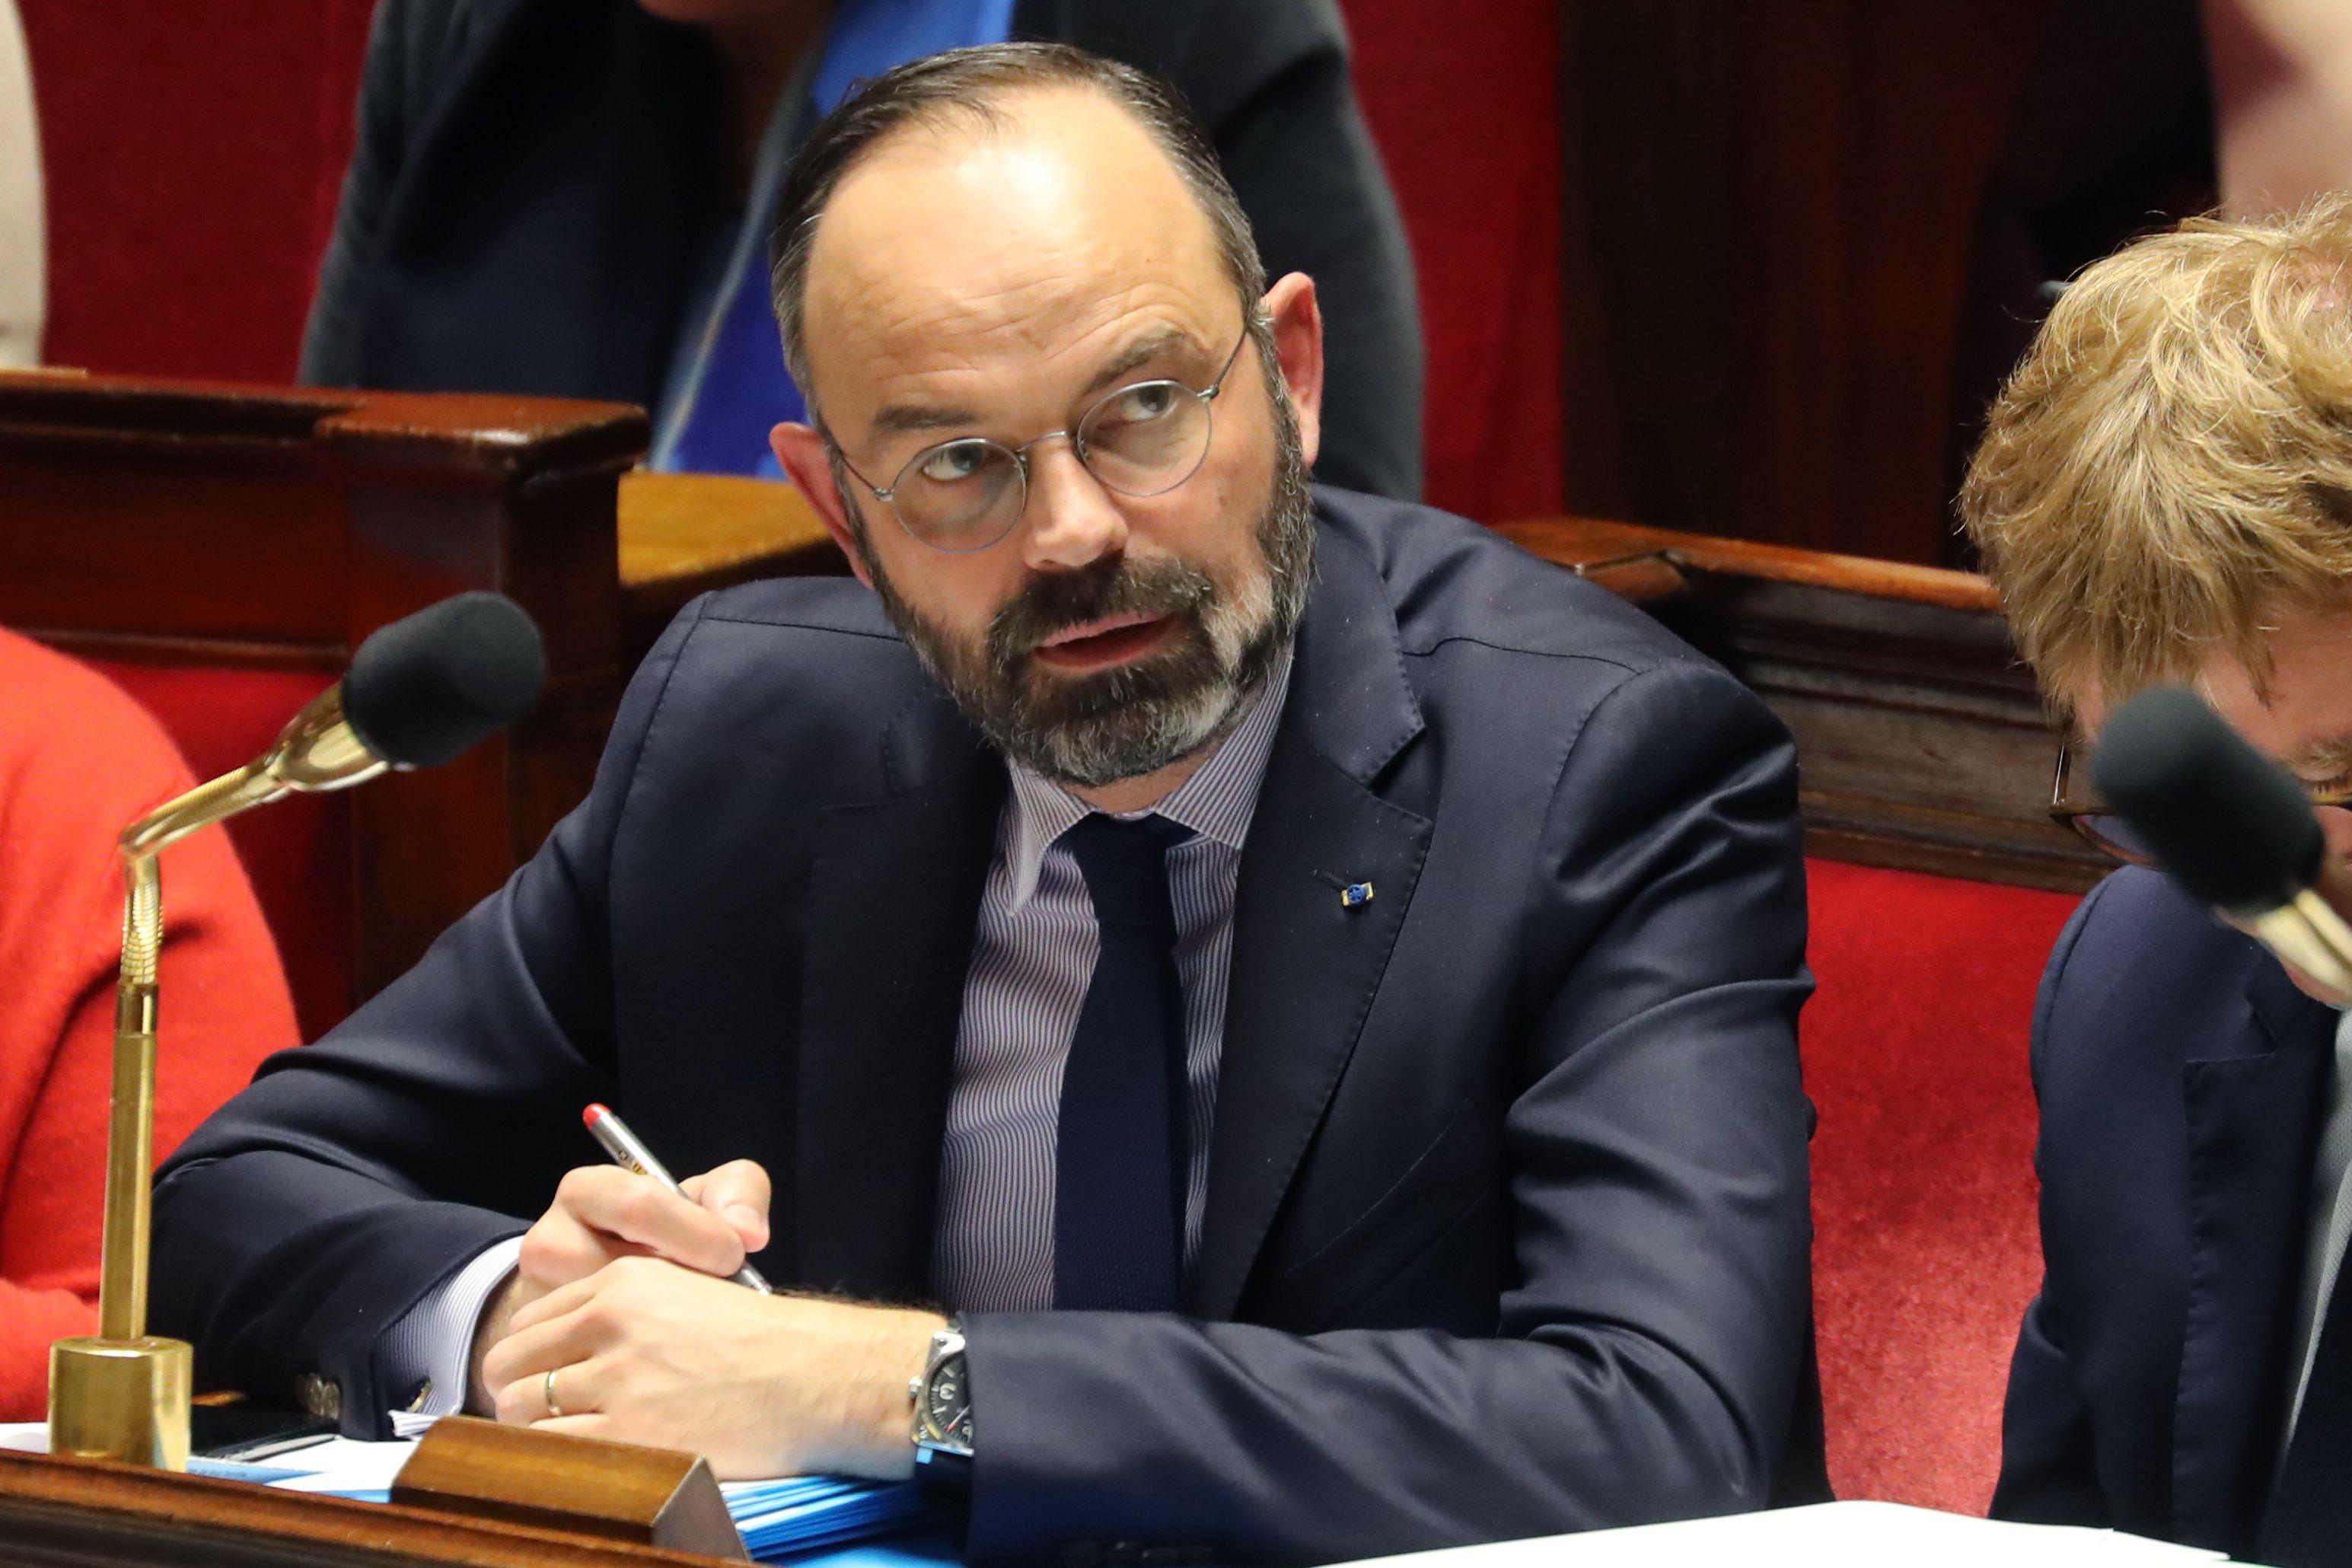 Réforme des retraites: la conférence de financement débutera le 30 janvier, annonce Philippe